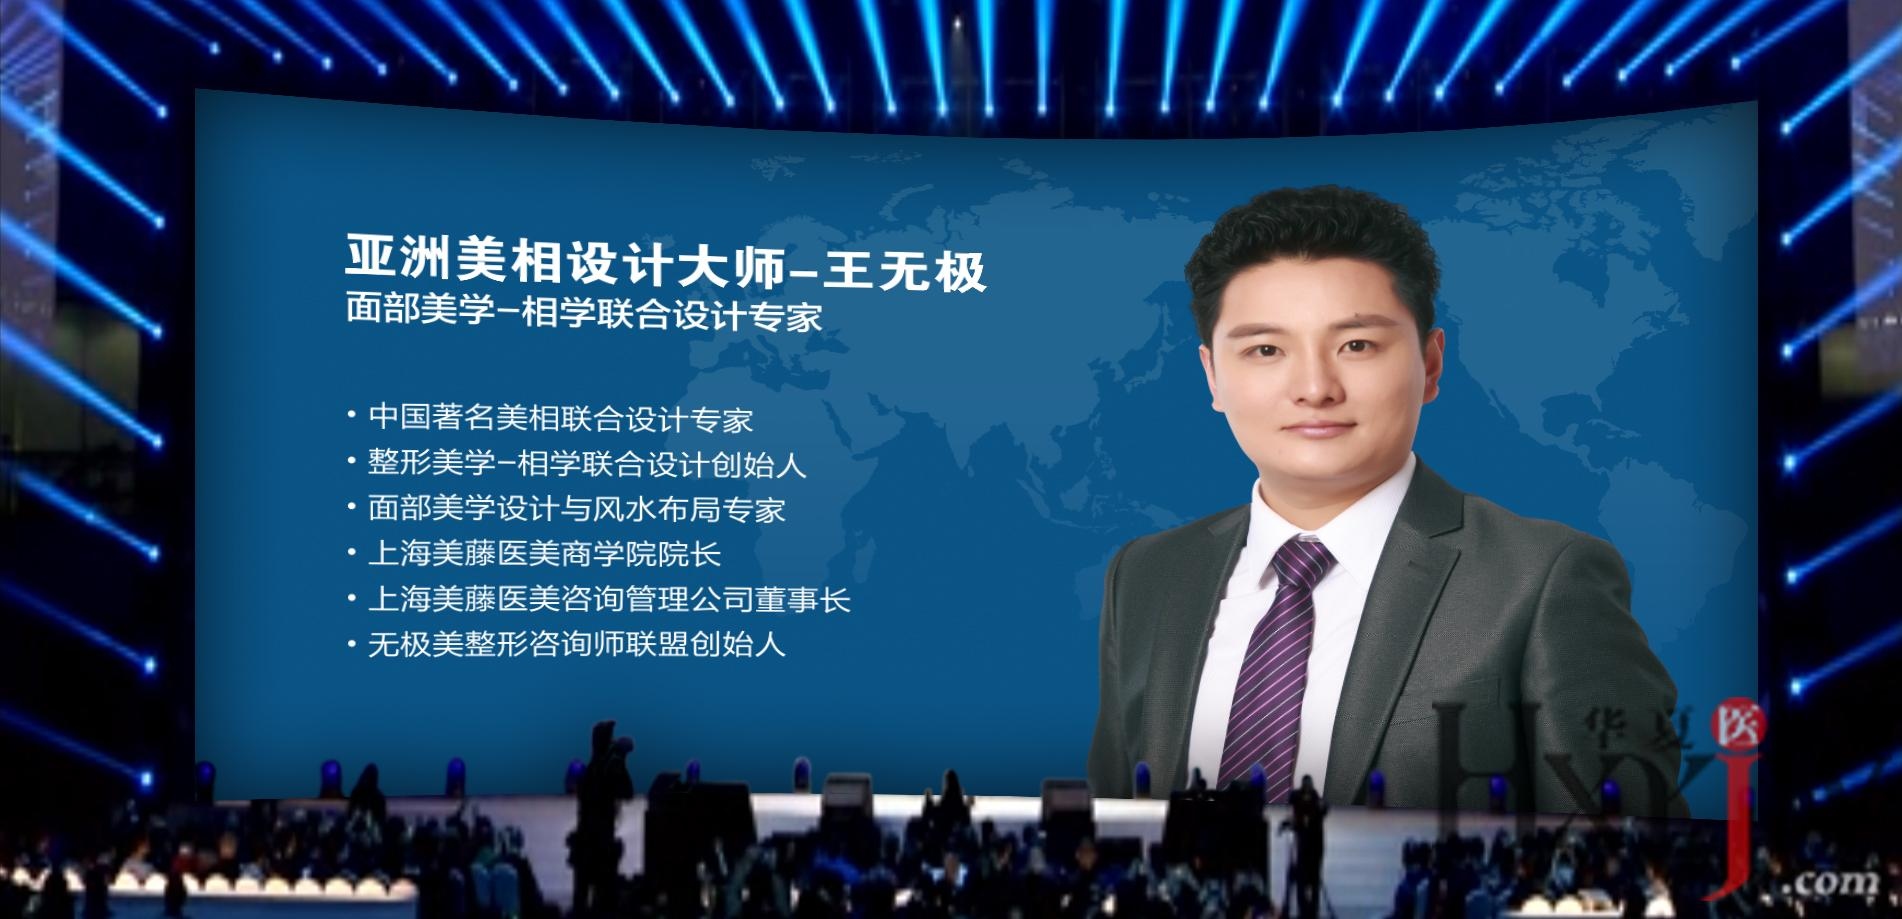 王无极,中国著名形象美学设计专家,面相风水设计专家,无极美-美藤商学